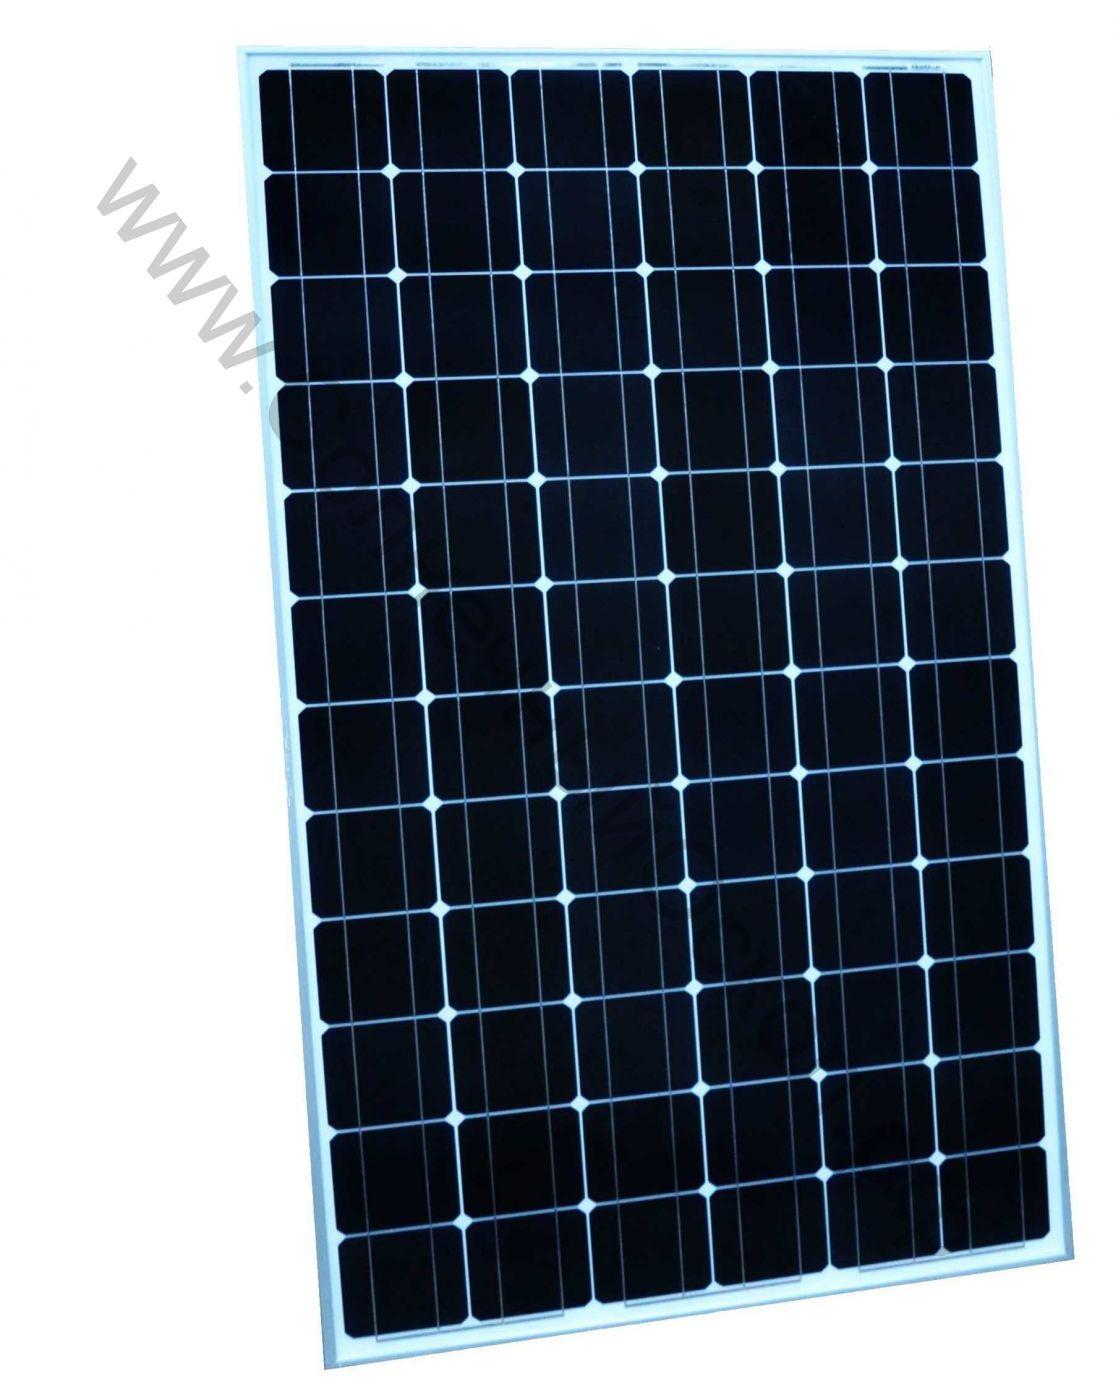 Монокристаллическая солнечная панель WDNY-290C72